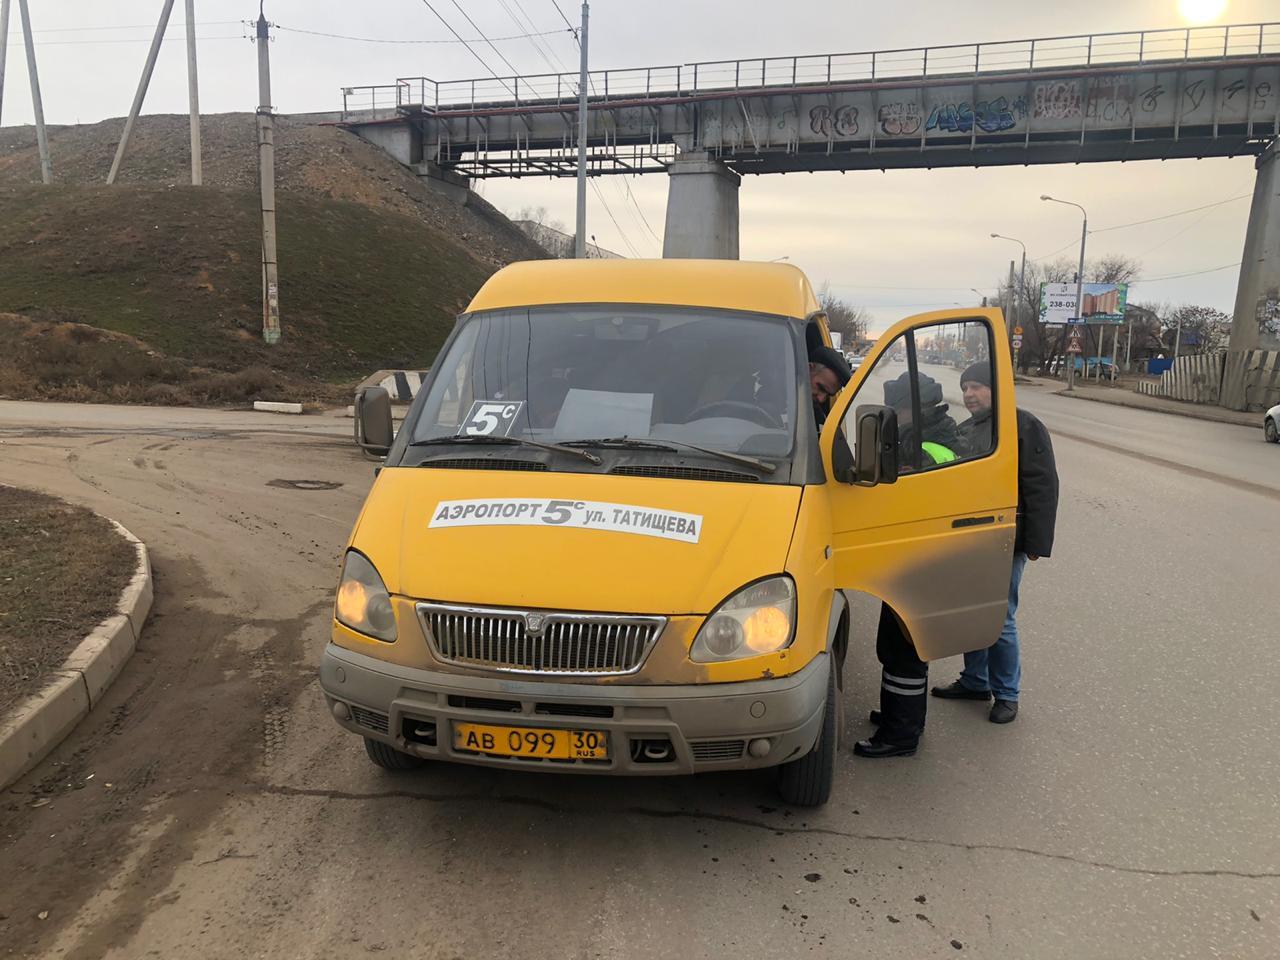 В Астрахани проверяют водителей маршруток и такси